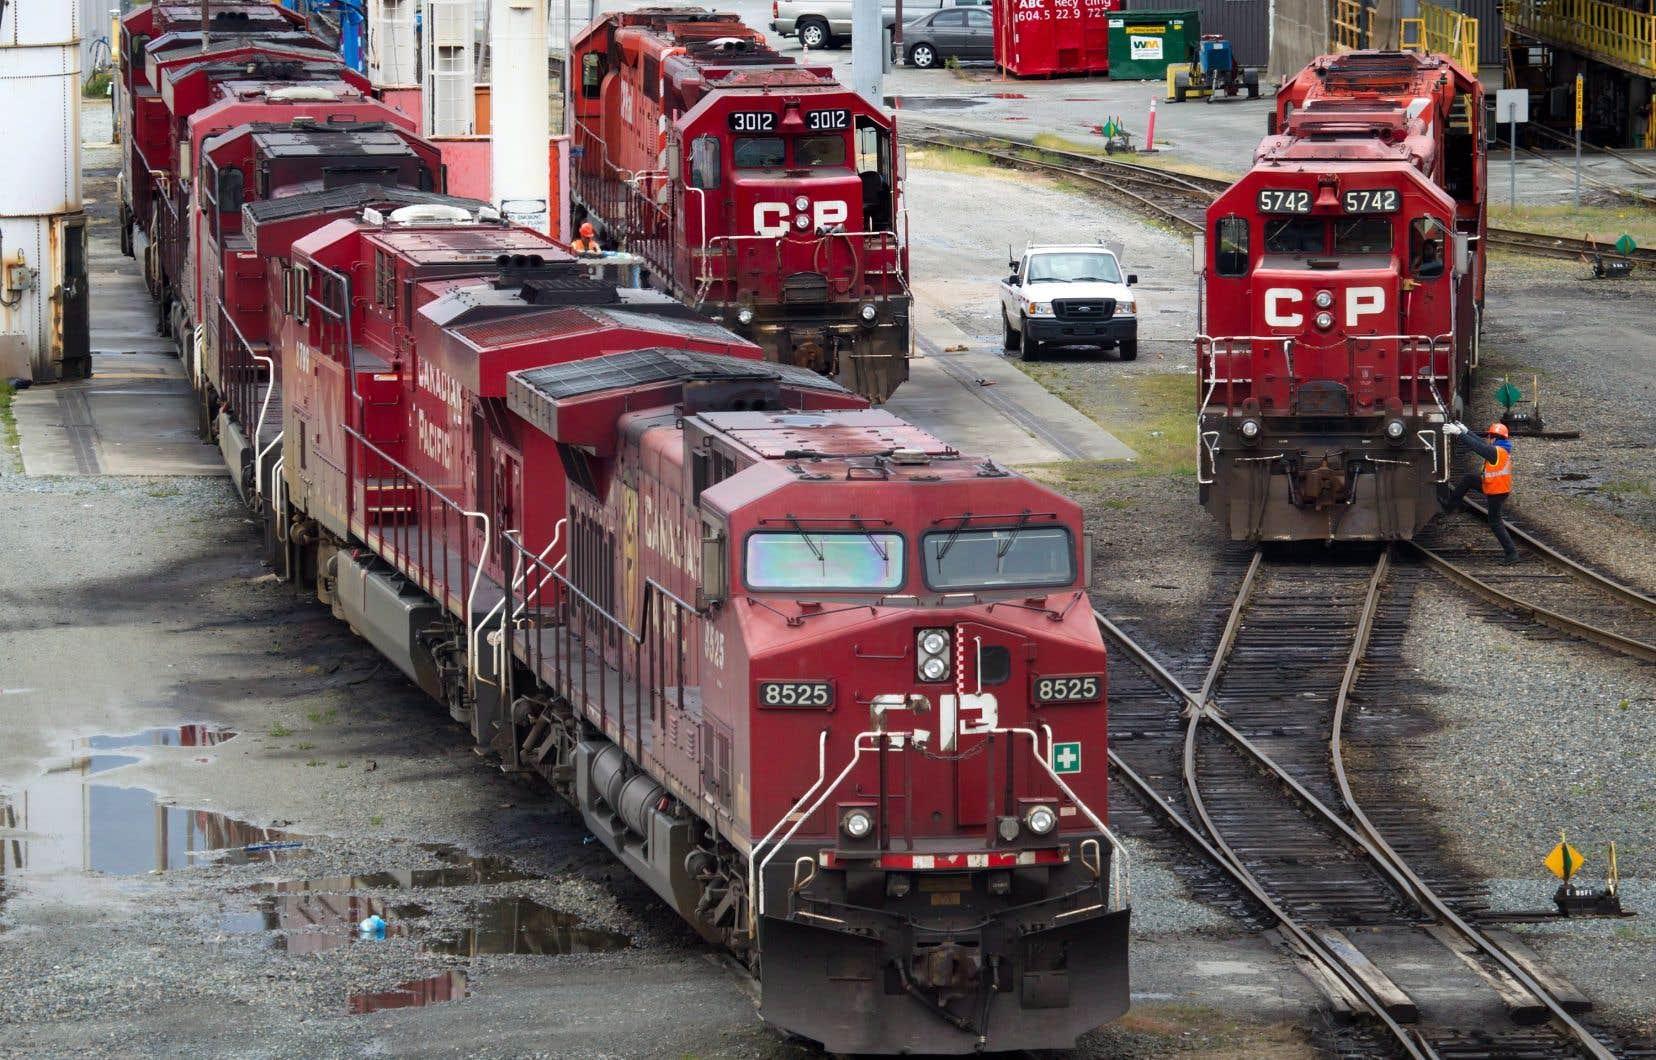 Le CP a indiqué qu'il s'engageait à maintenir toutes les voies ferroviaires de fret existantes ouvertes à des «conditions commercialement raisonnables».